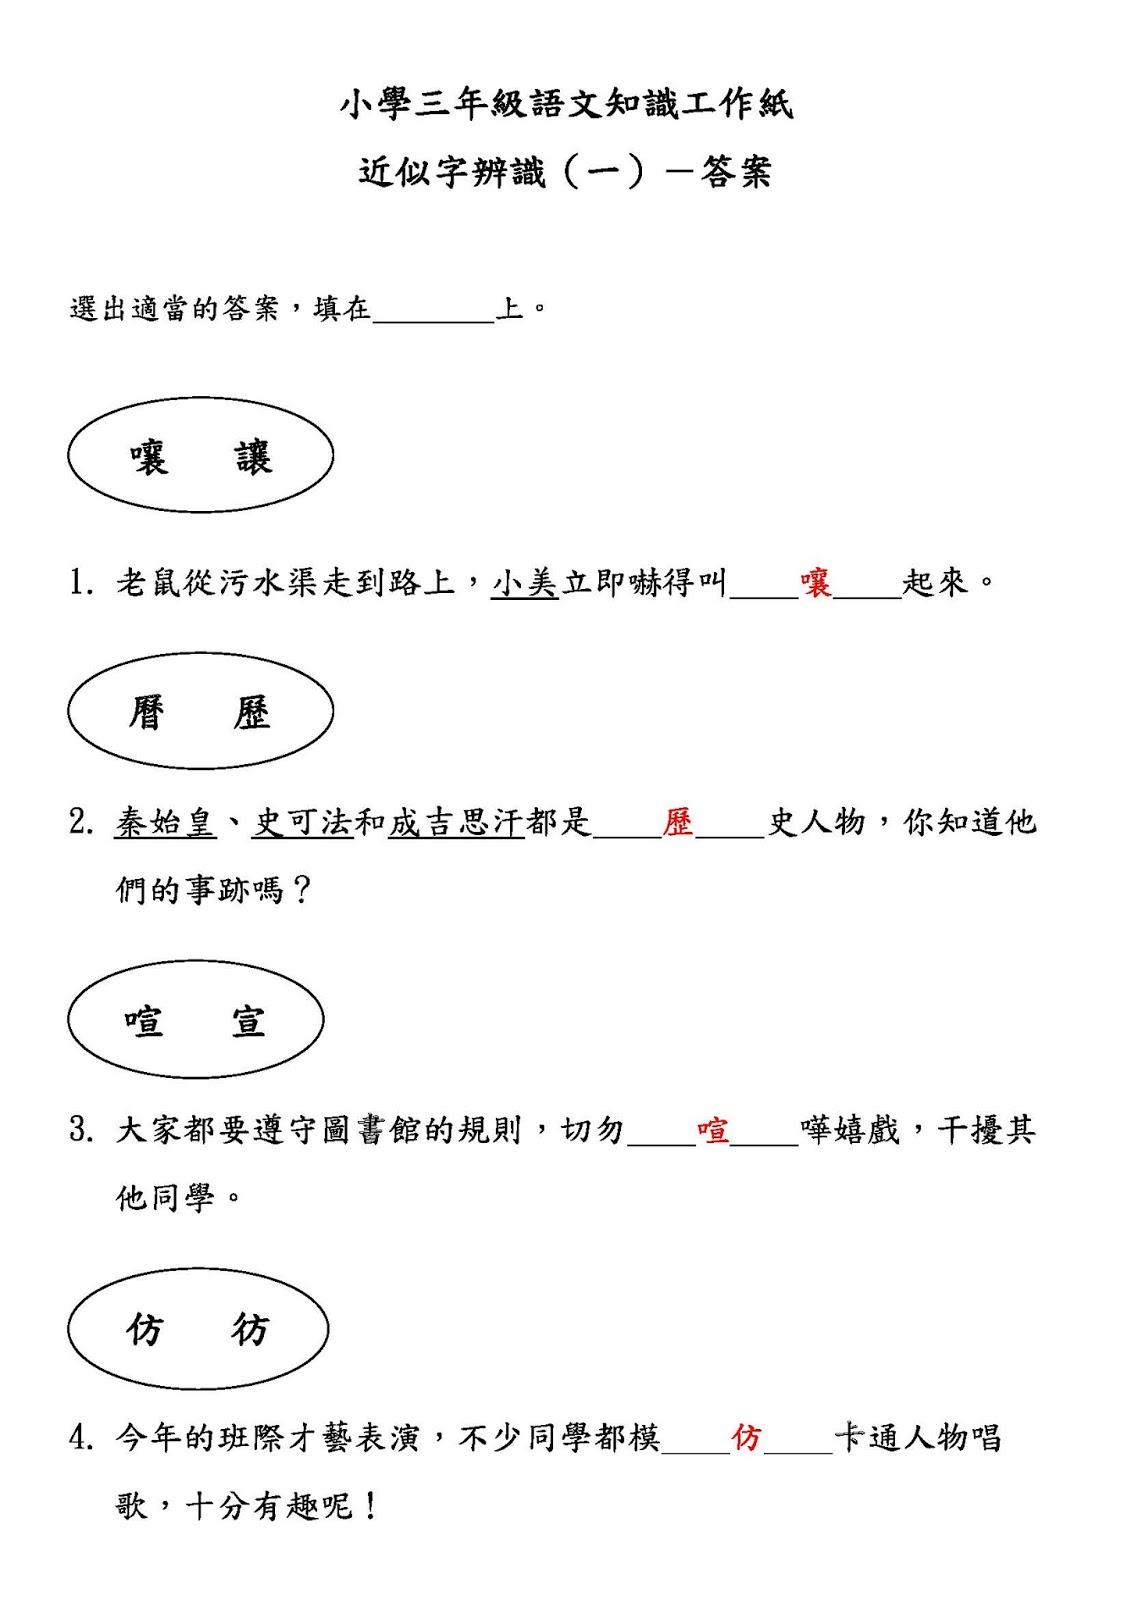 小三語文知識工作紙:近似字辨識(一)|中文工作紙|尤莉姐姐的反轉學堂